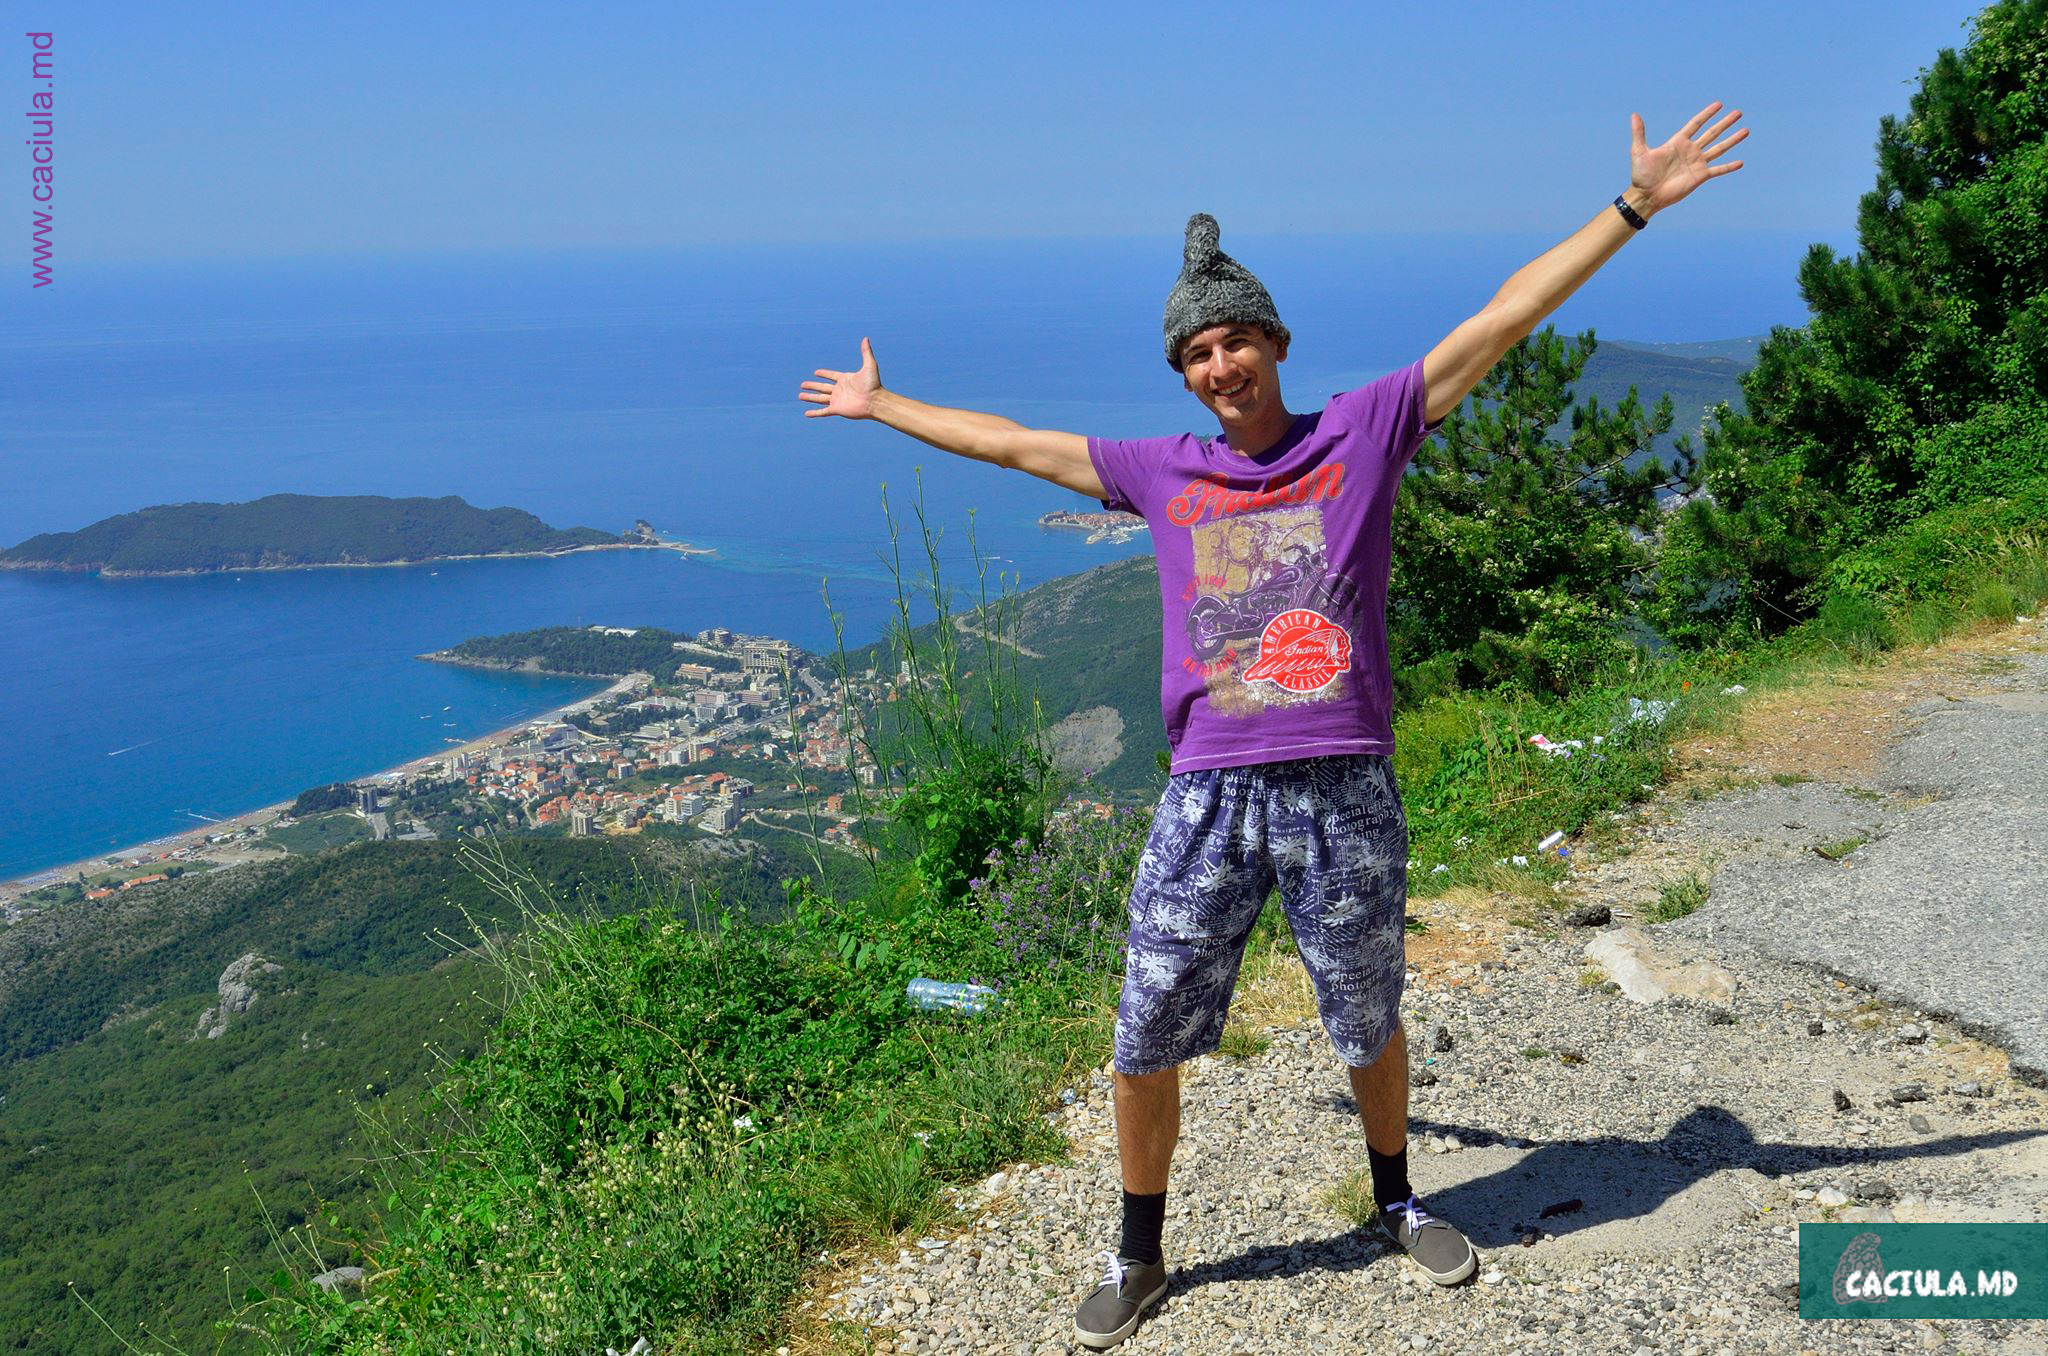 красота Ховатии и Черногории, побережье